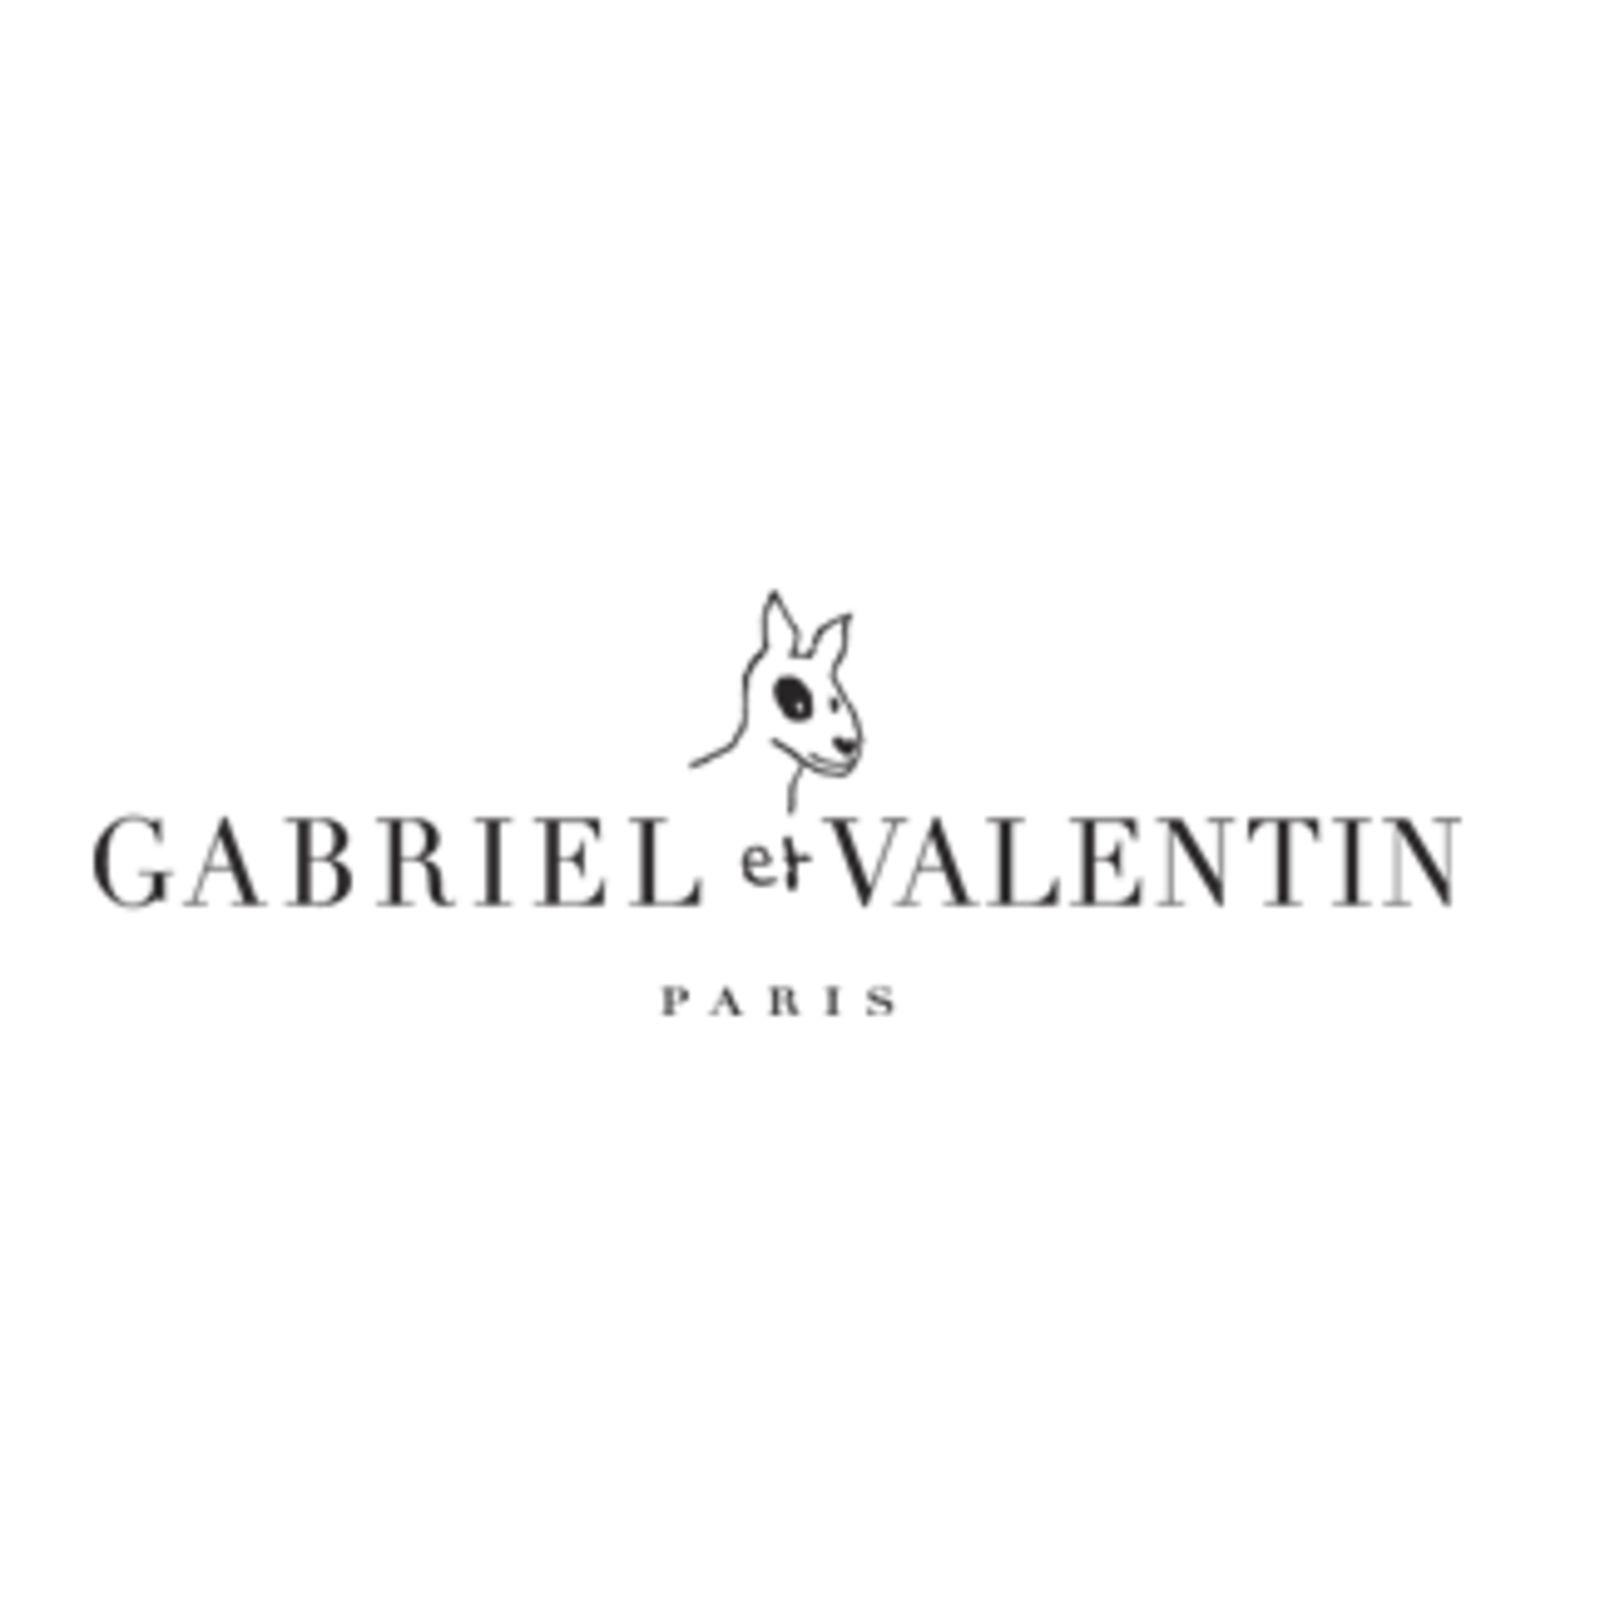 GABRIEL et VALENTIN